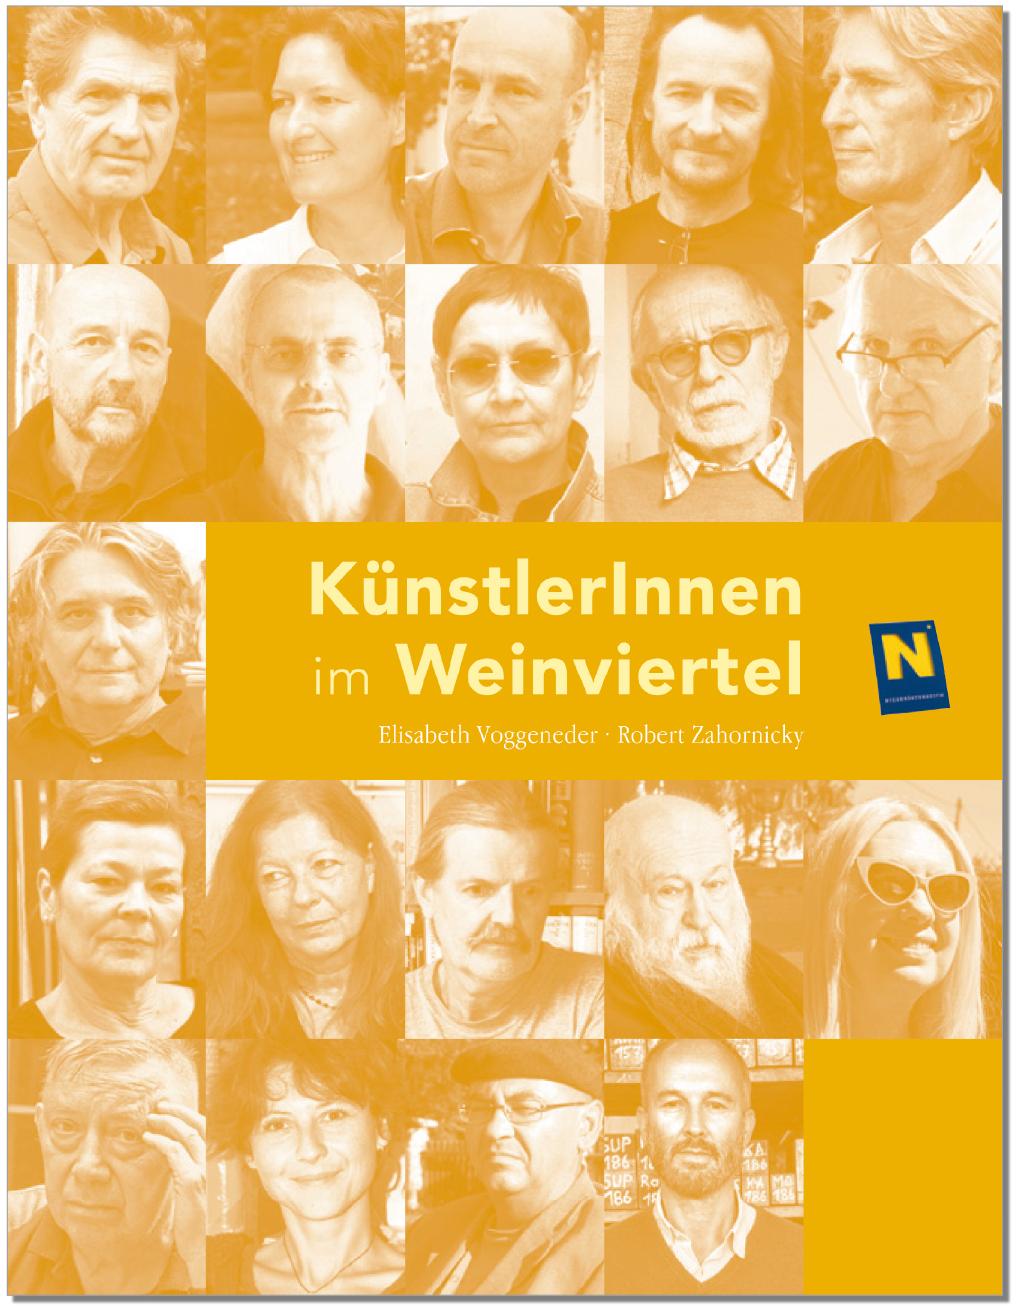 KünstlerInnen im Weinviertel COVER_02